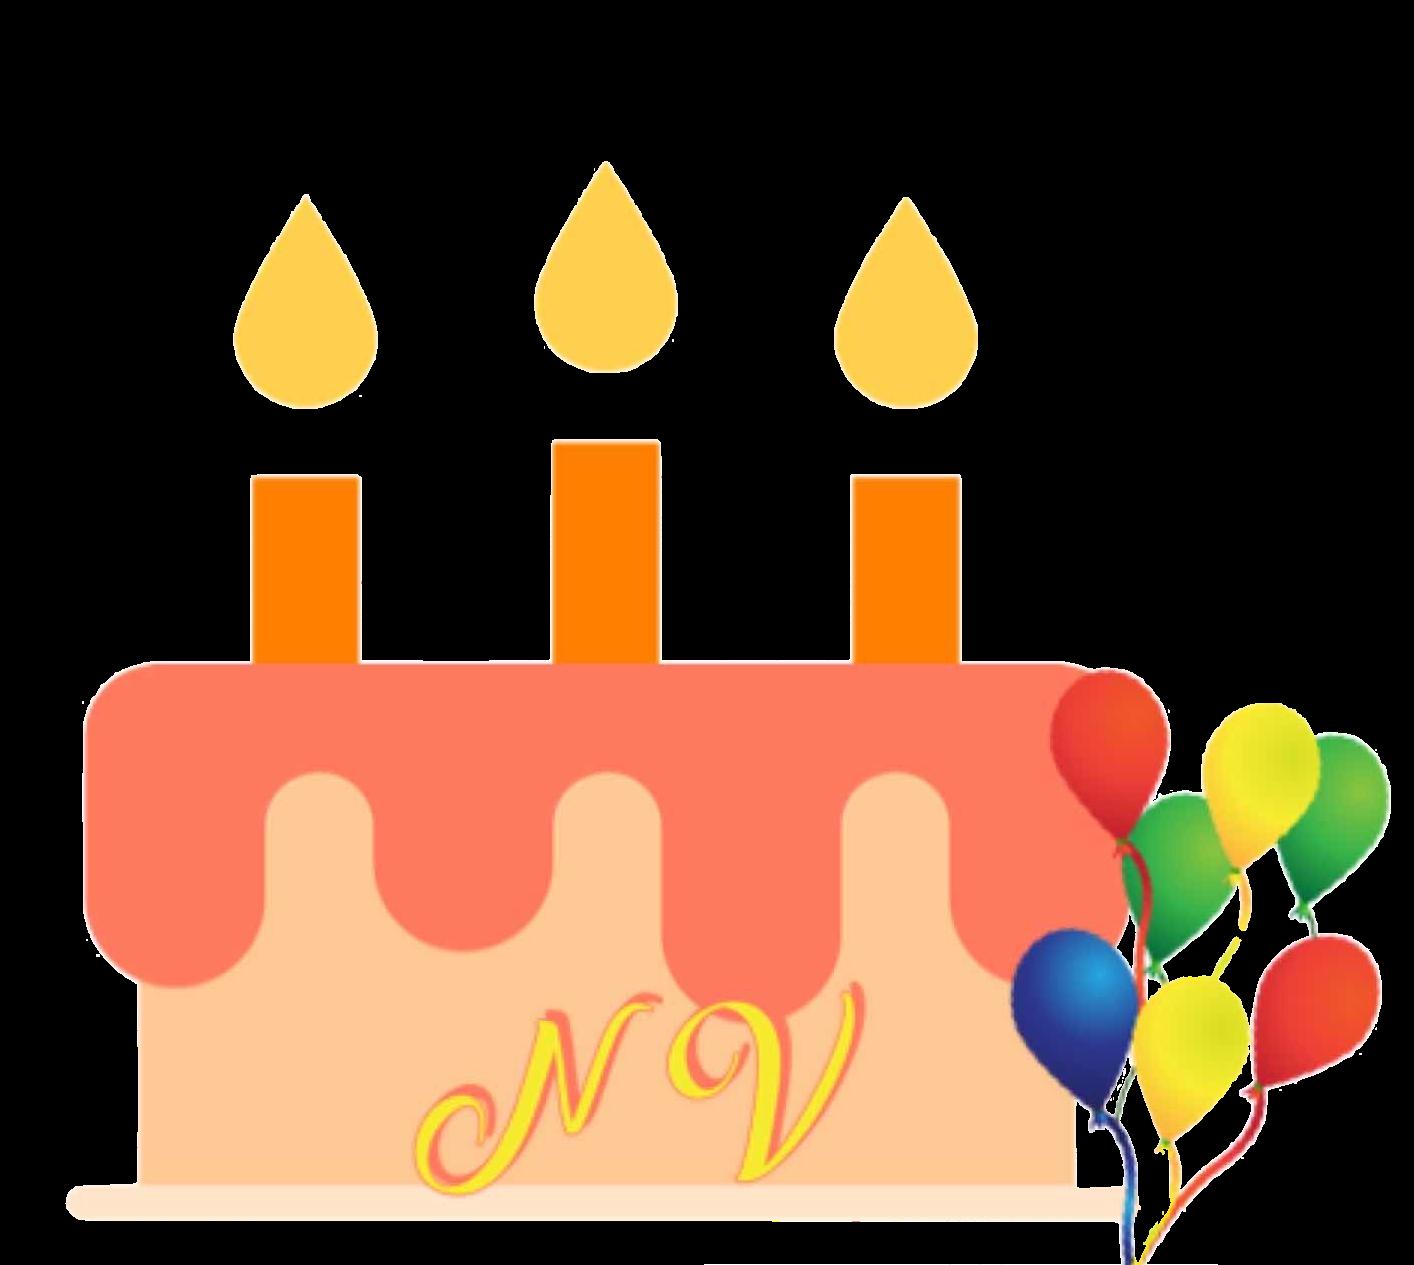 Naamverjaardag logo